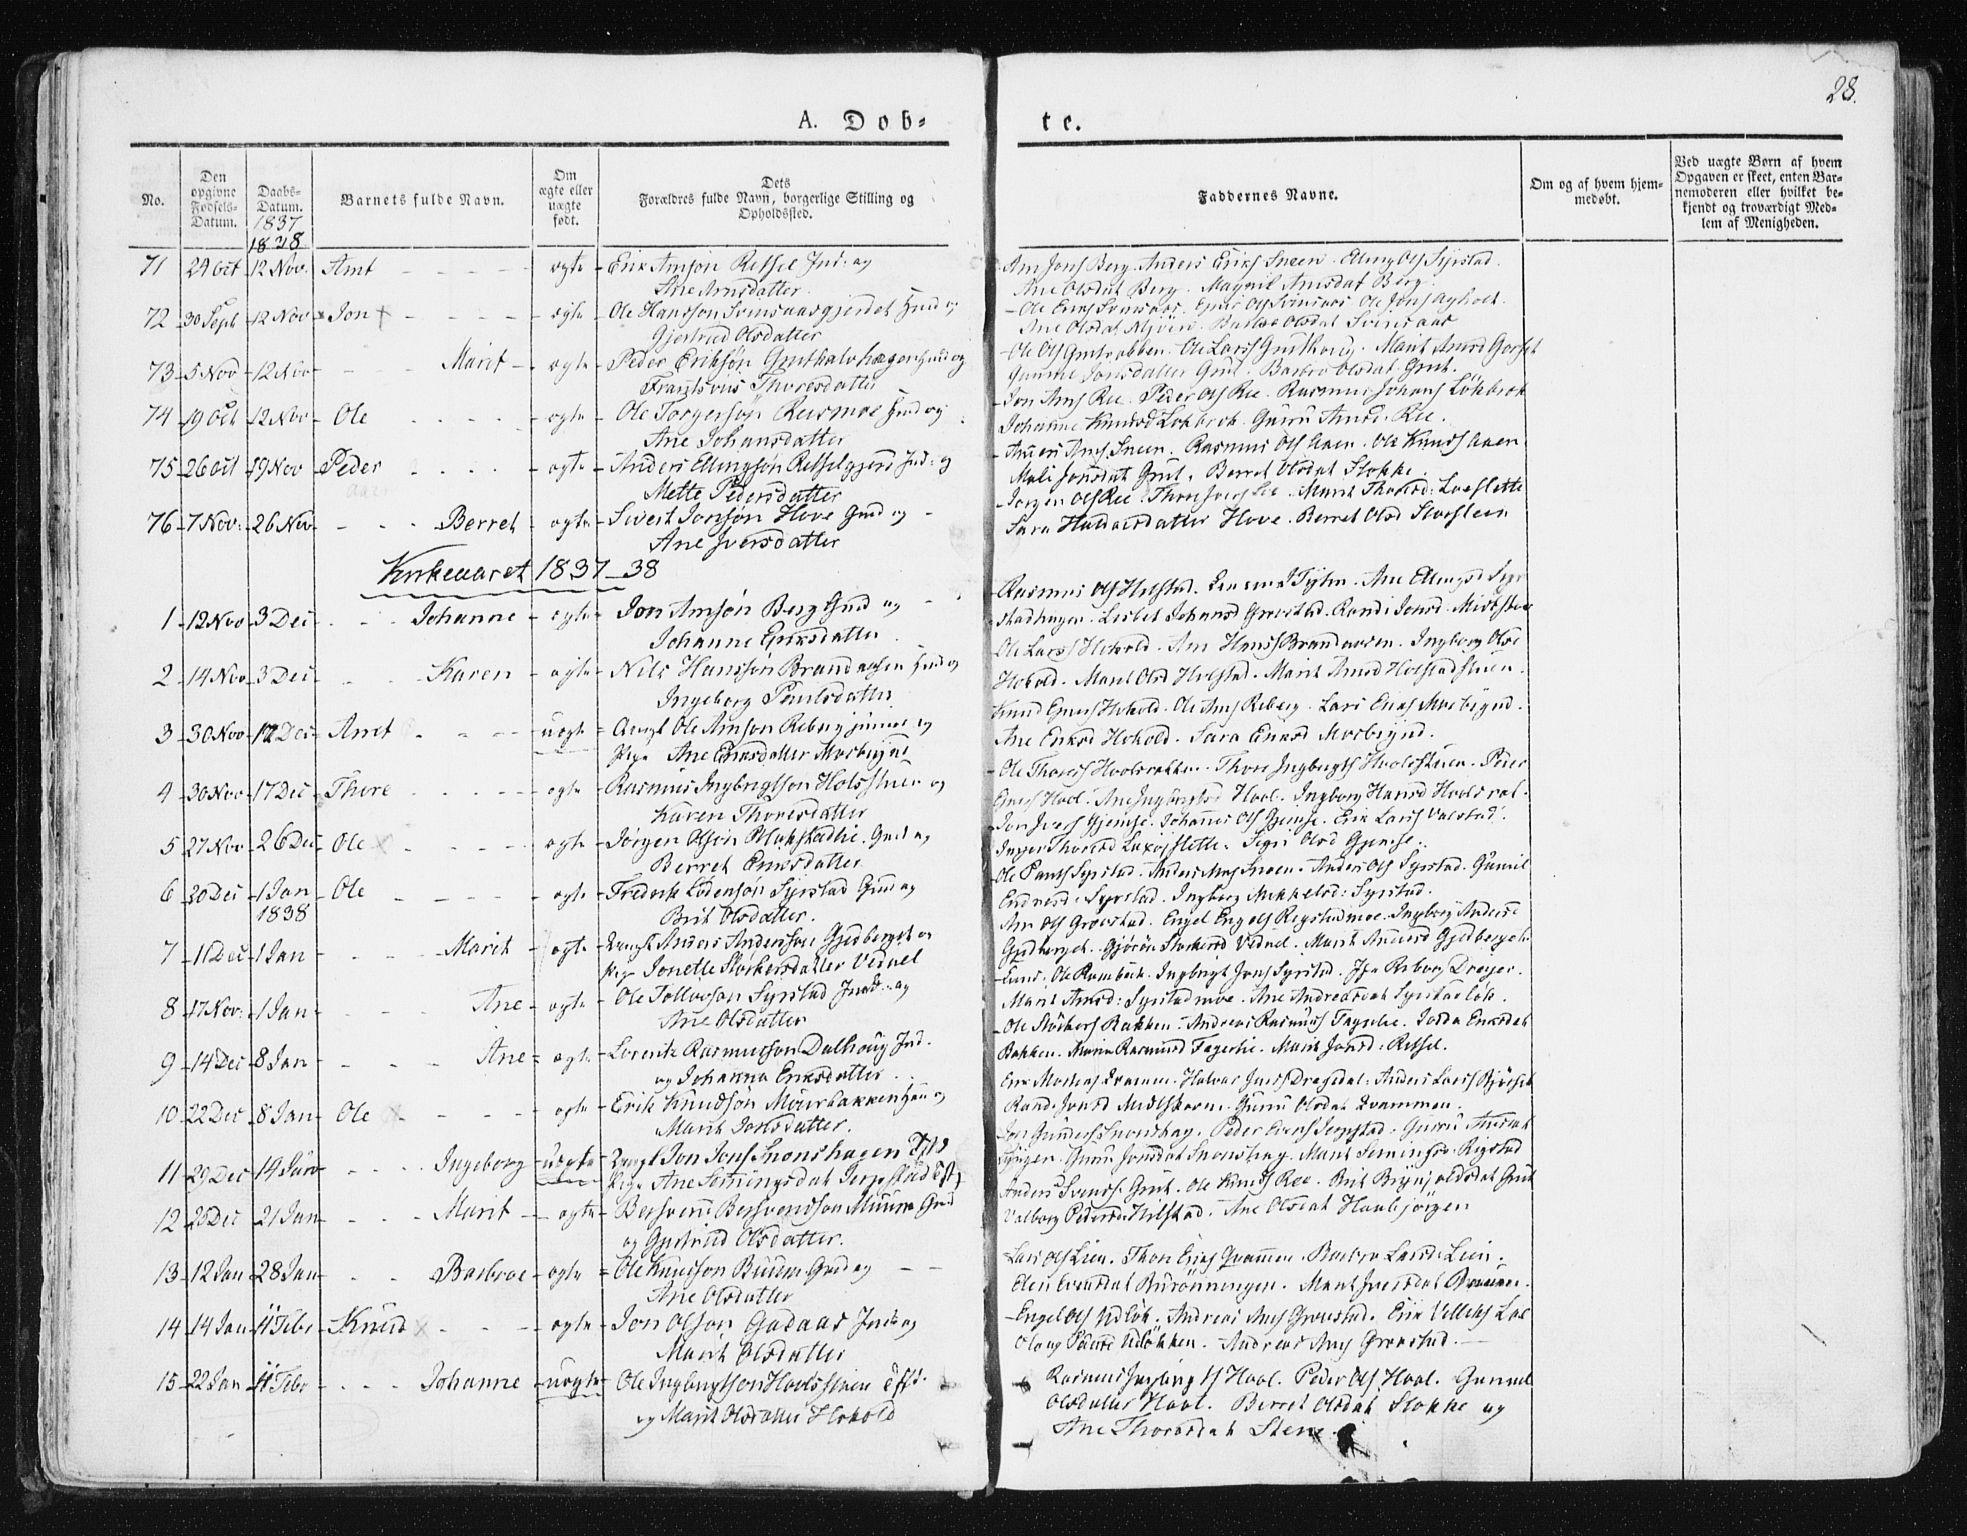 SAT, Ministerialprotokoller, klokkerbøker og fødselsregistre - Sør-Trøndelag, 672/L0855: Ministerialbok nr. 672A07, 1829-1860, s. 28